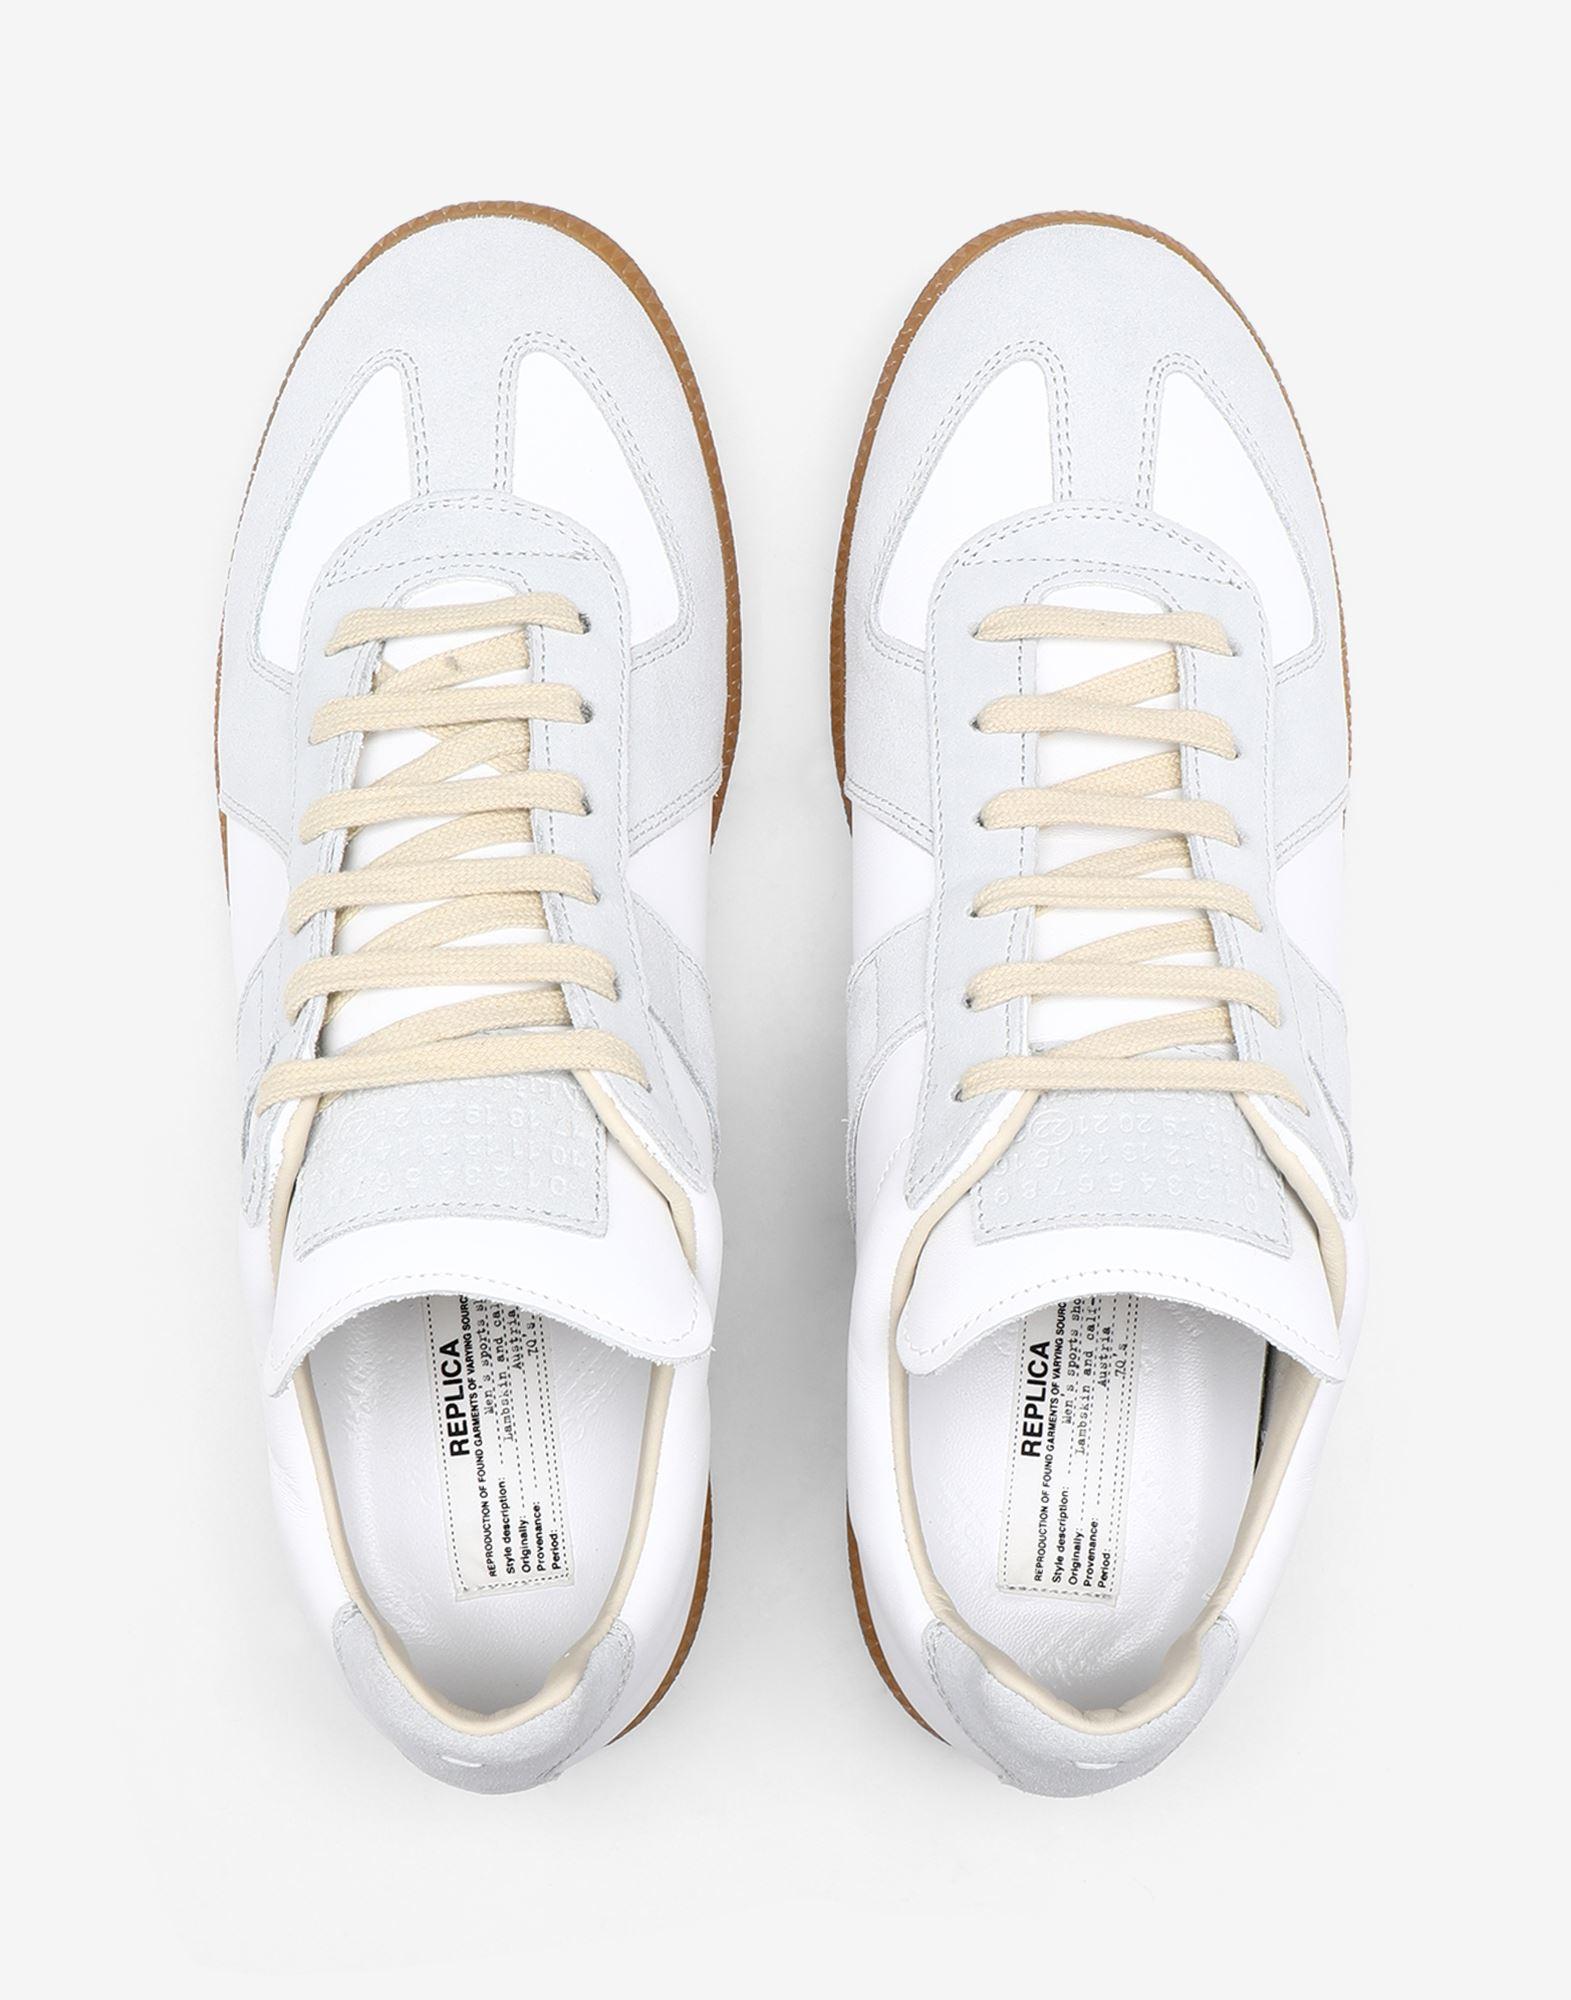 MAISON MARGIELA Sneakers 'Replica' in pelle di vitello Sneakers Donna a